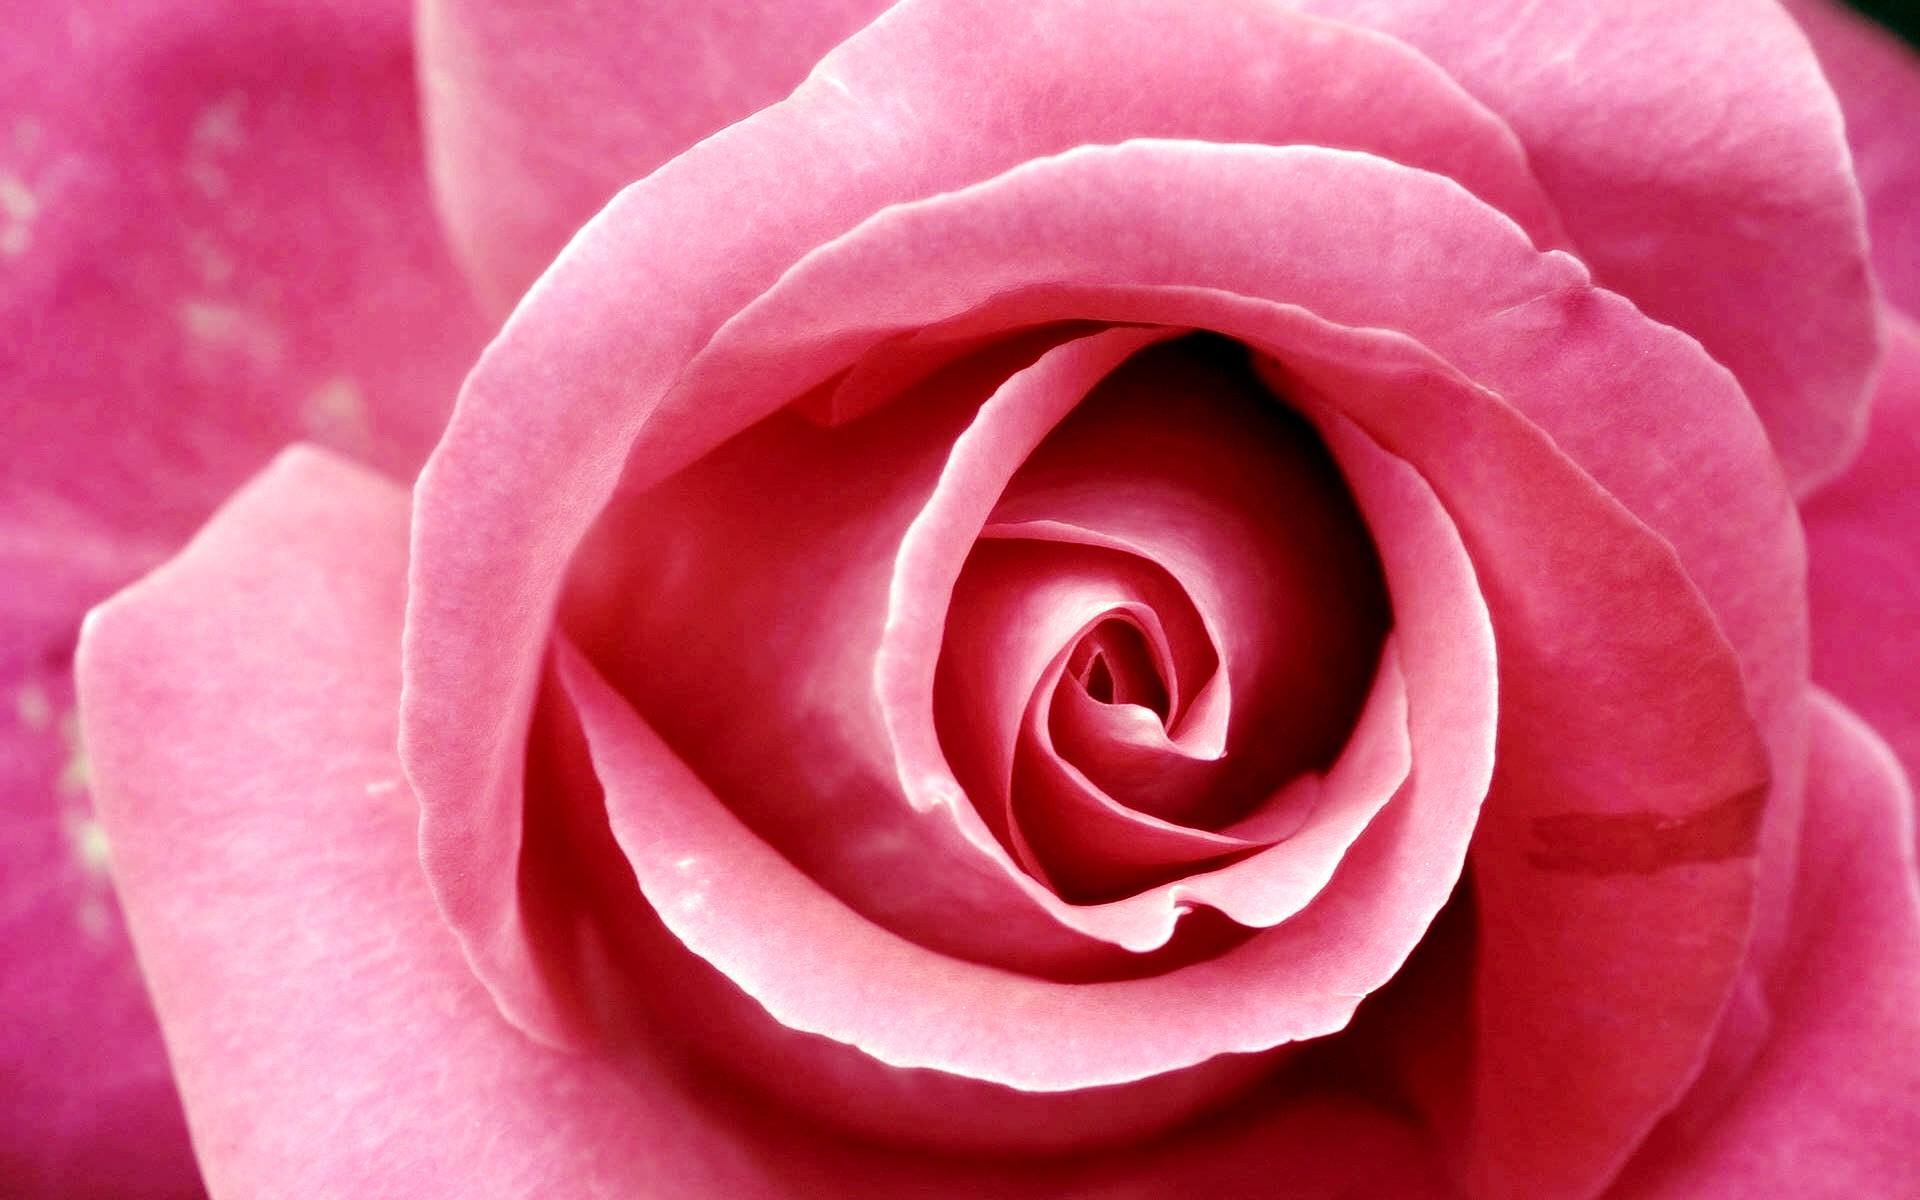 Pink Rose Images - Pink Rose Images